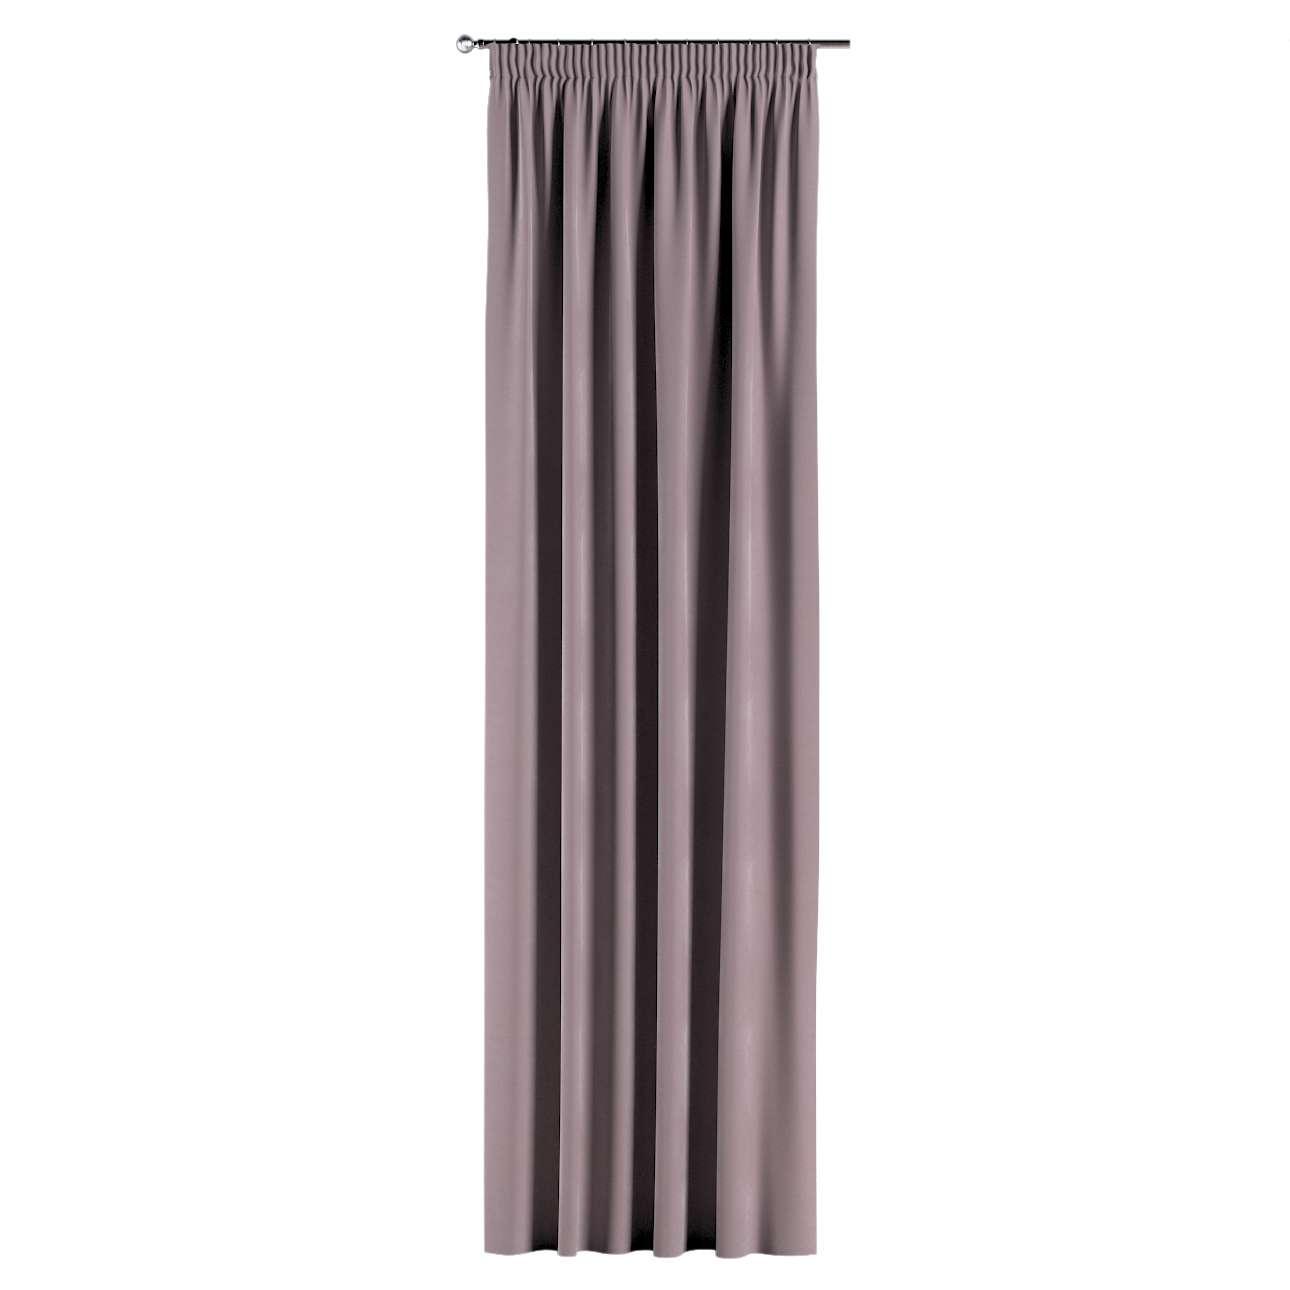 Vorhang mit Kräuselband von der Kollektion Velvet, Stoff: 704-14